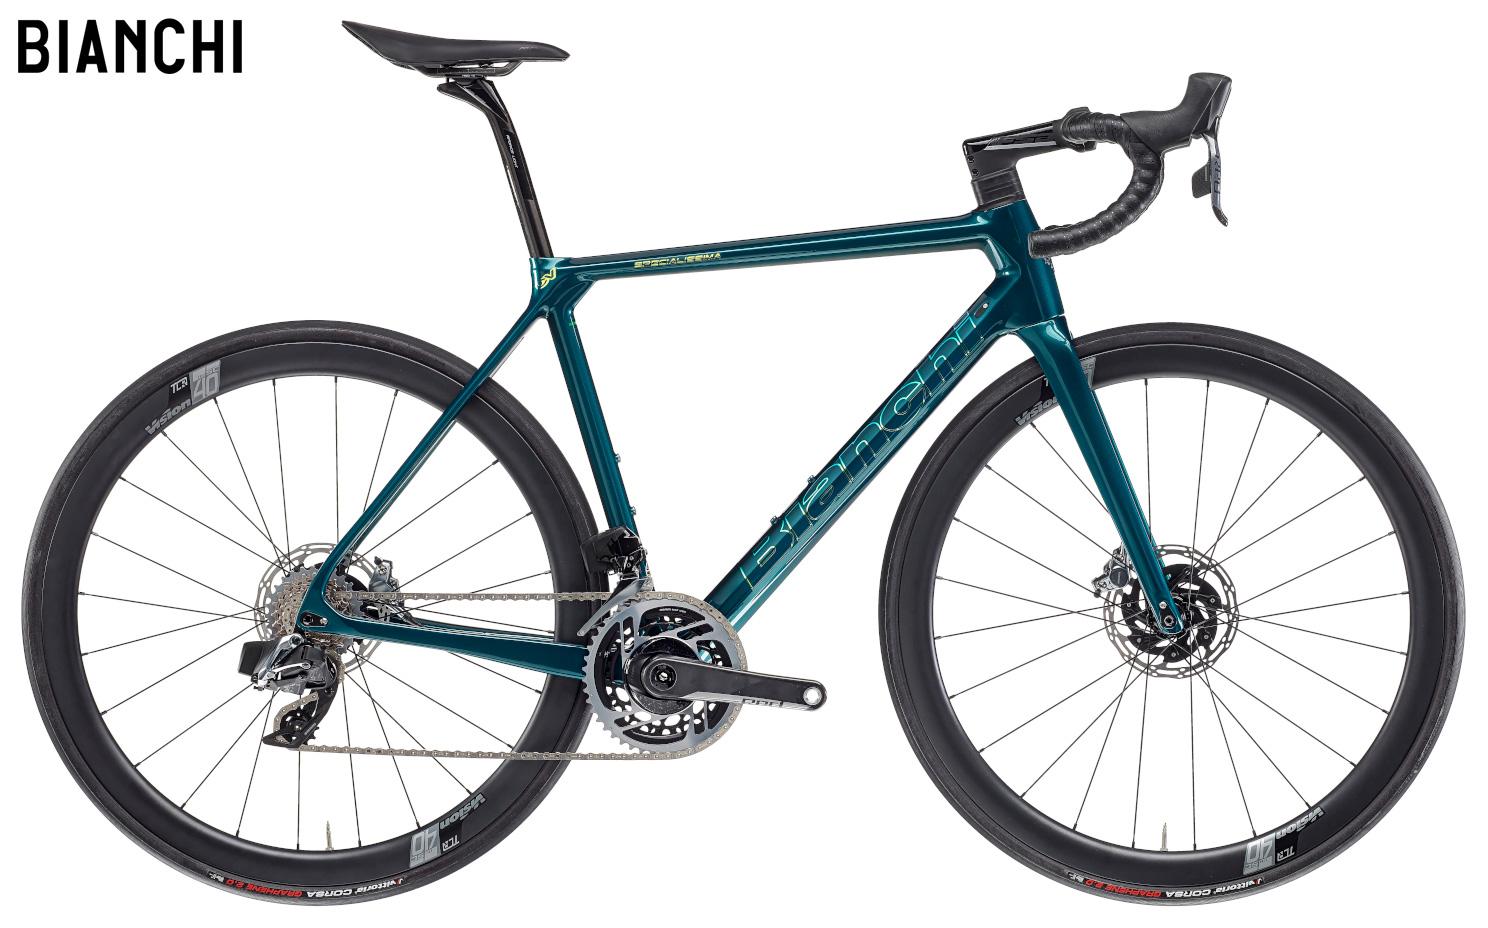 Una bicicletta da corsa Bianchi Specialissima Disc SRAM RED eTap AXS 2021